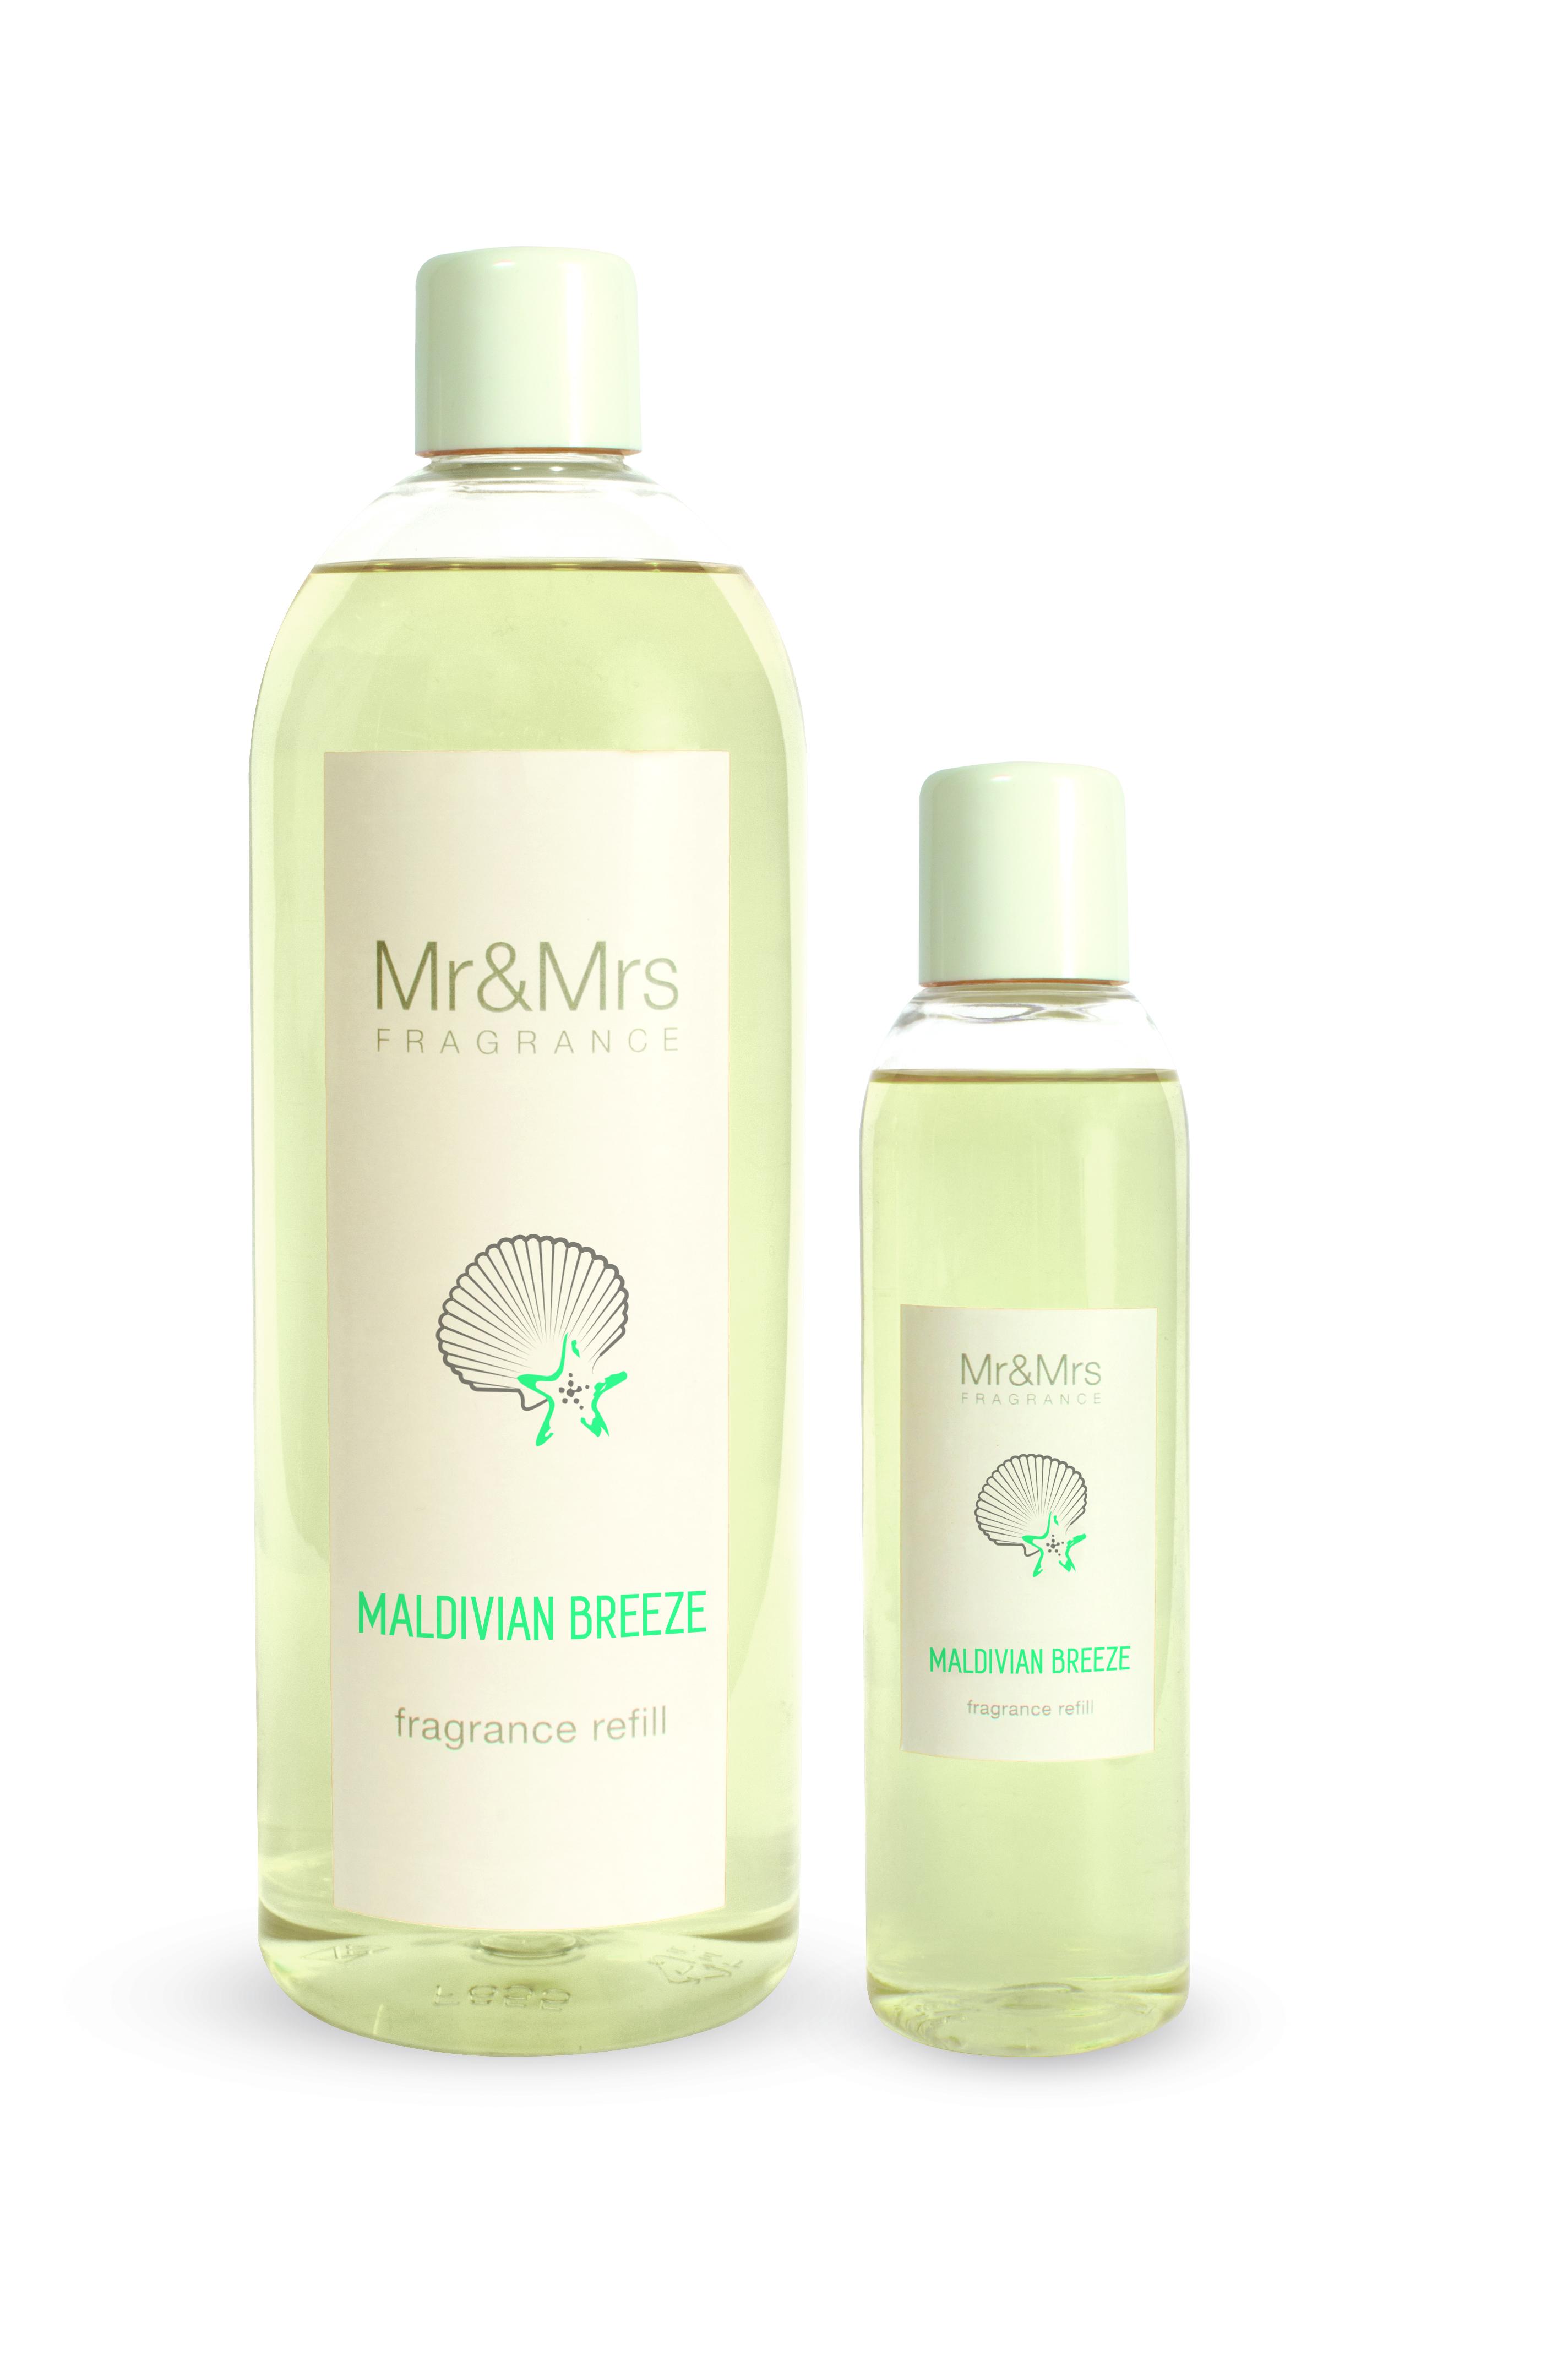 Mr&Mrs Fragrance MR&MRS FRAGRANCE NÁPLŇ DO DIFUZÉRU - MALDIVIAN BREEZE, 1000 ML